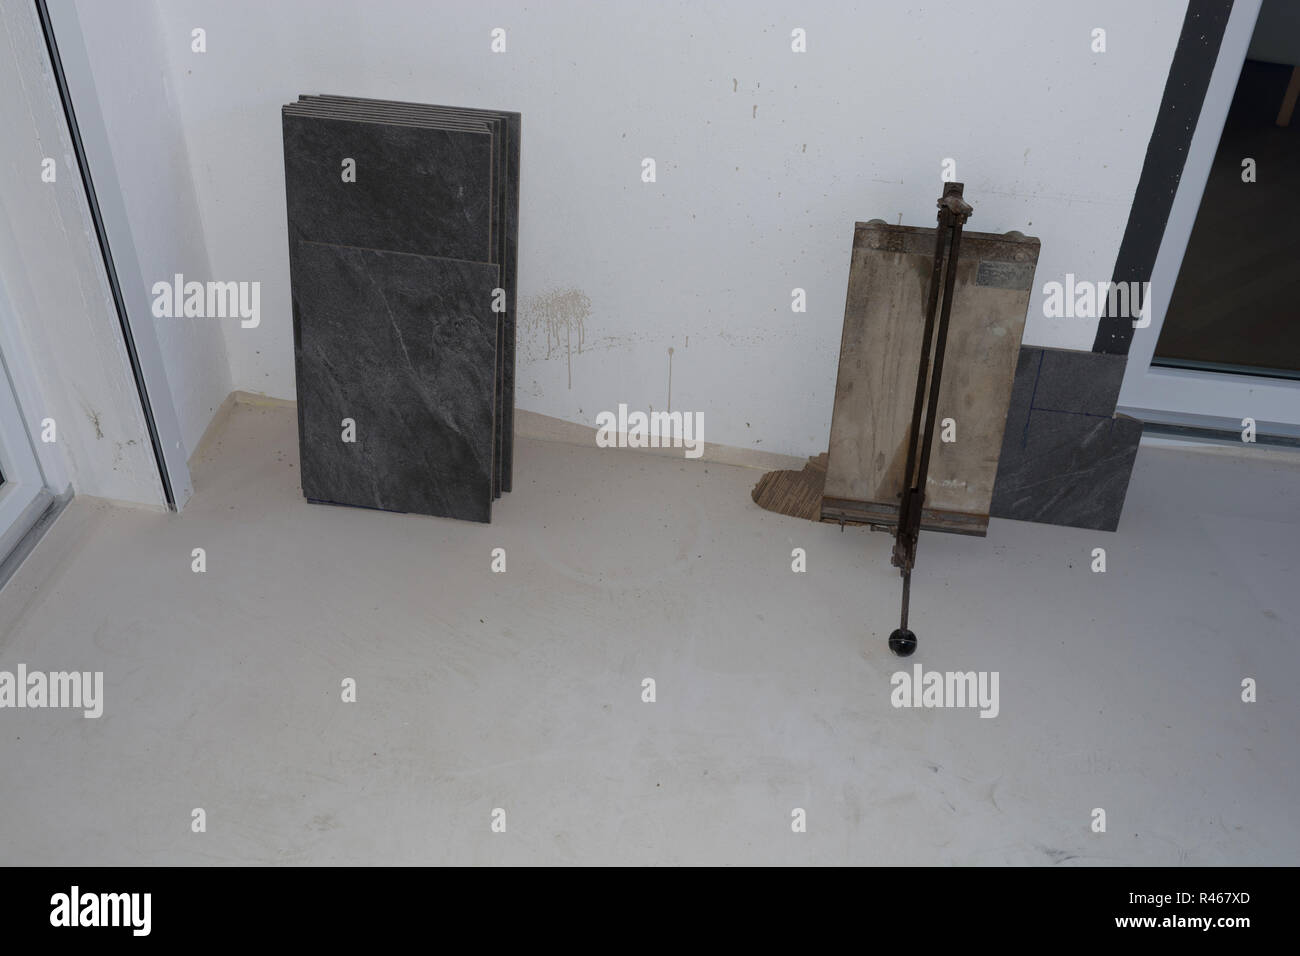 Cotto Fliesen Stockfotos Cotto Fliesen Bilder Alamy